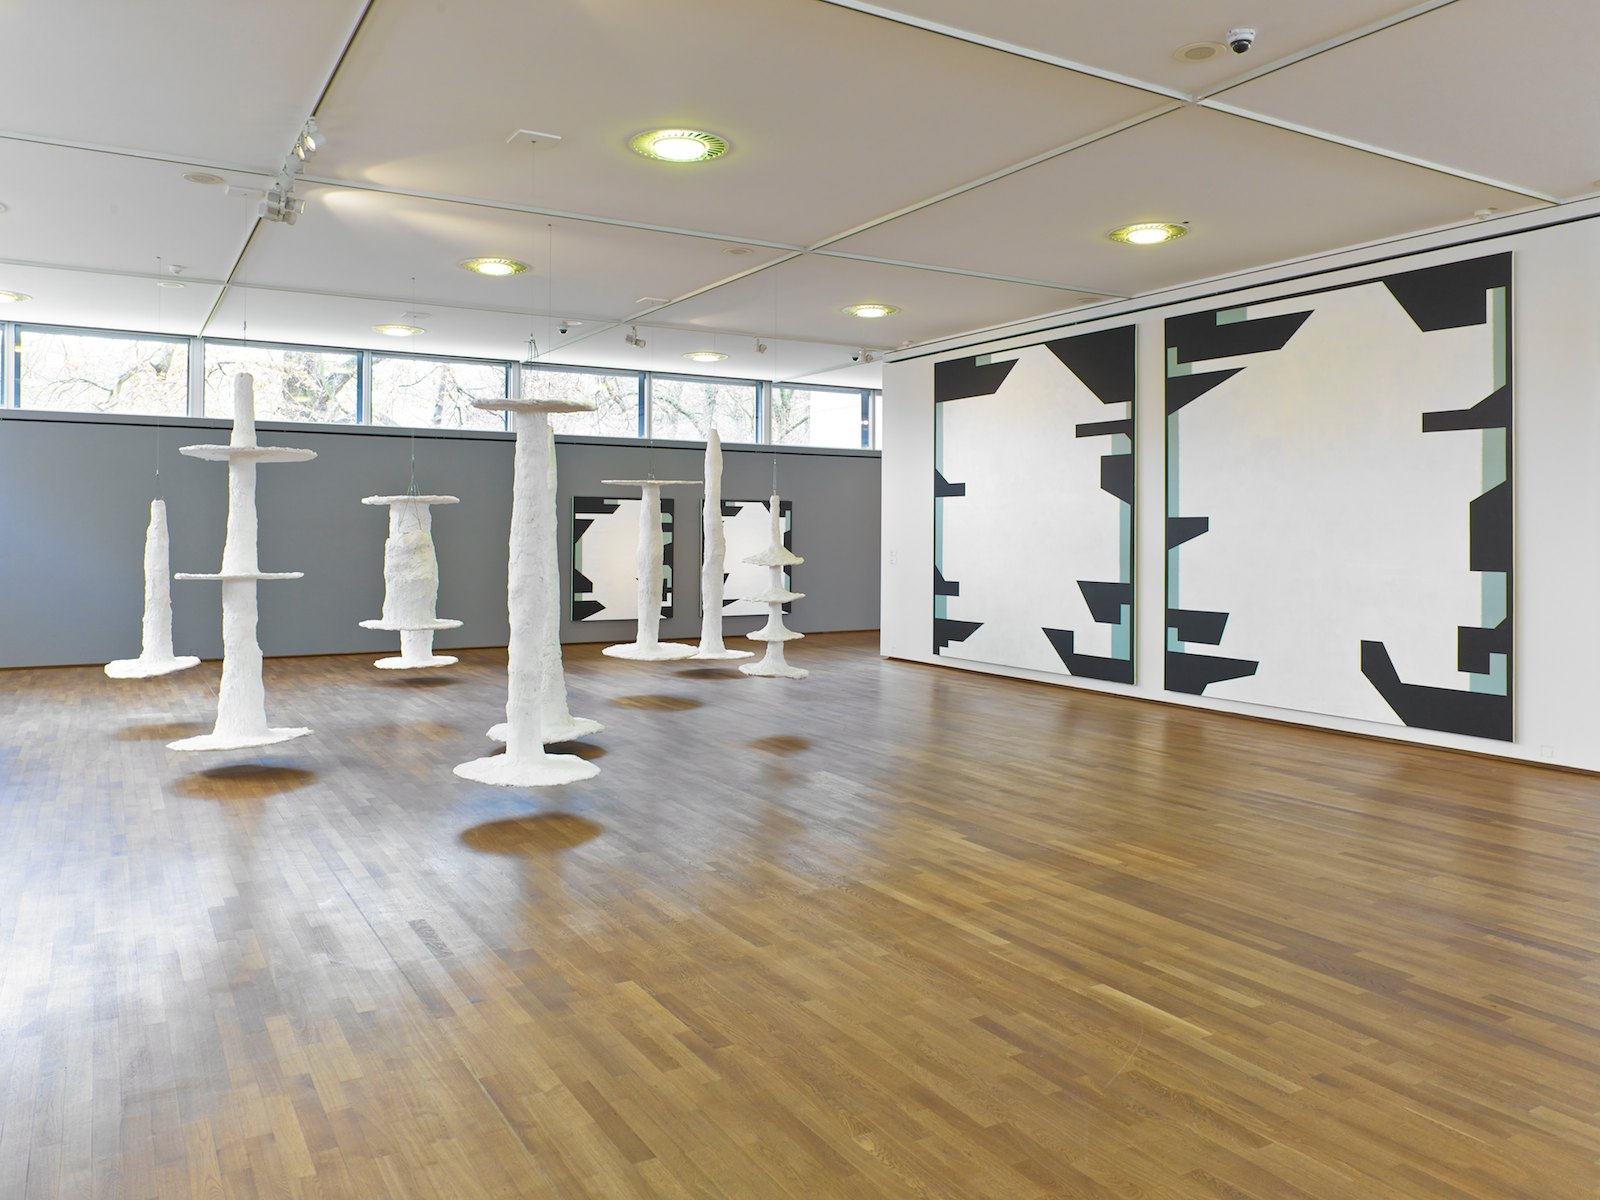 Installation view Olav Christopher Jenssen, Saarlandmuseum, Moderne Galerie, Saarbrücken, Germany, 2014. Photo: Saarlandmuseum